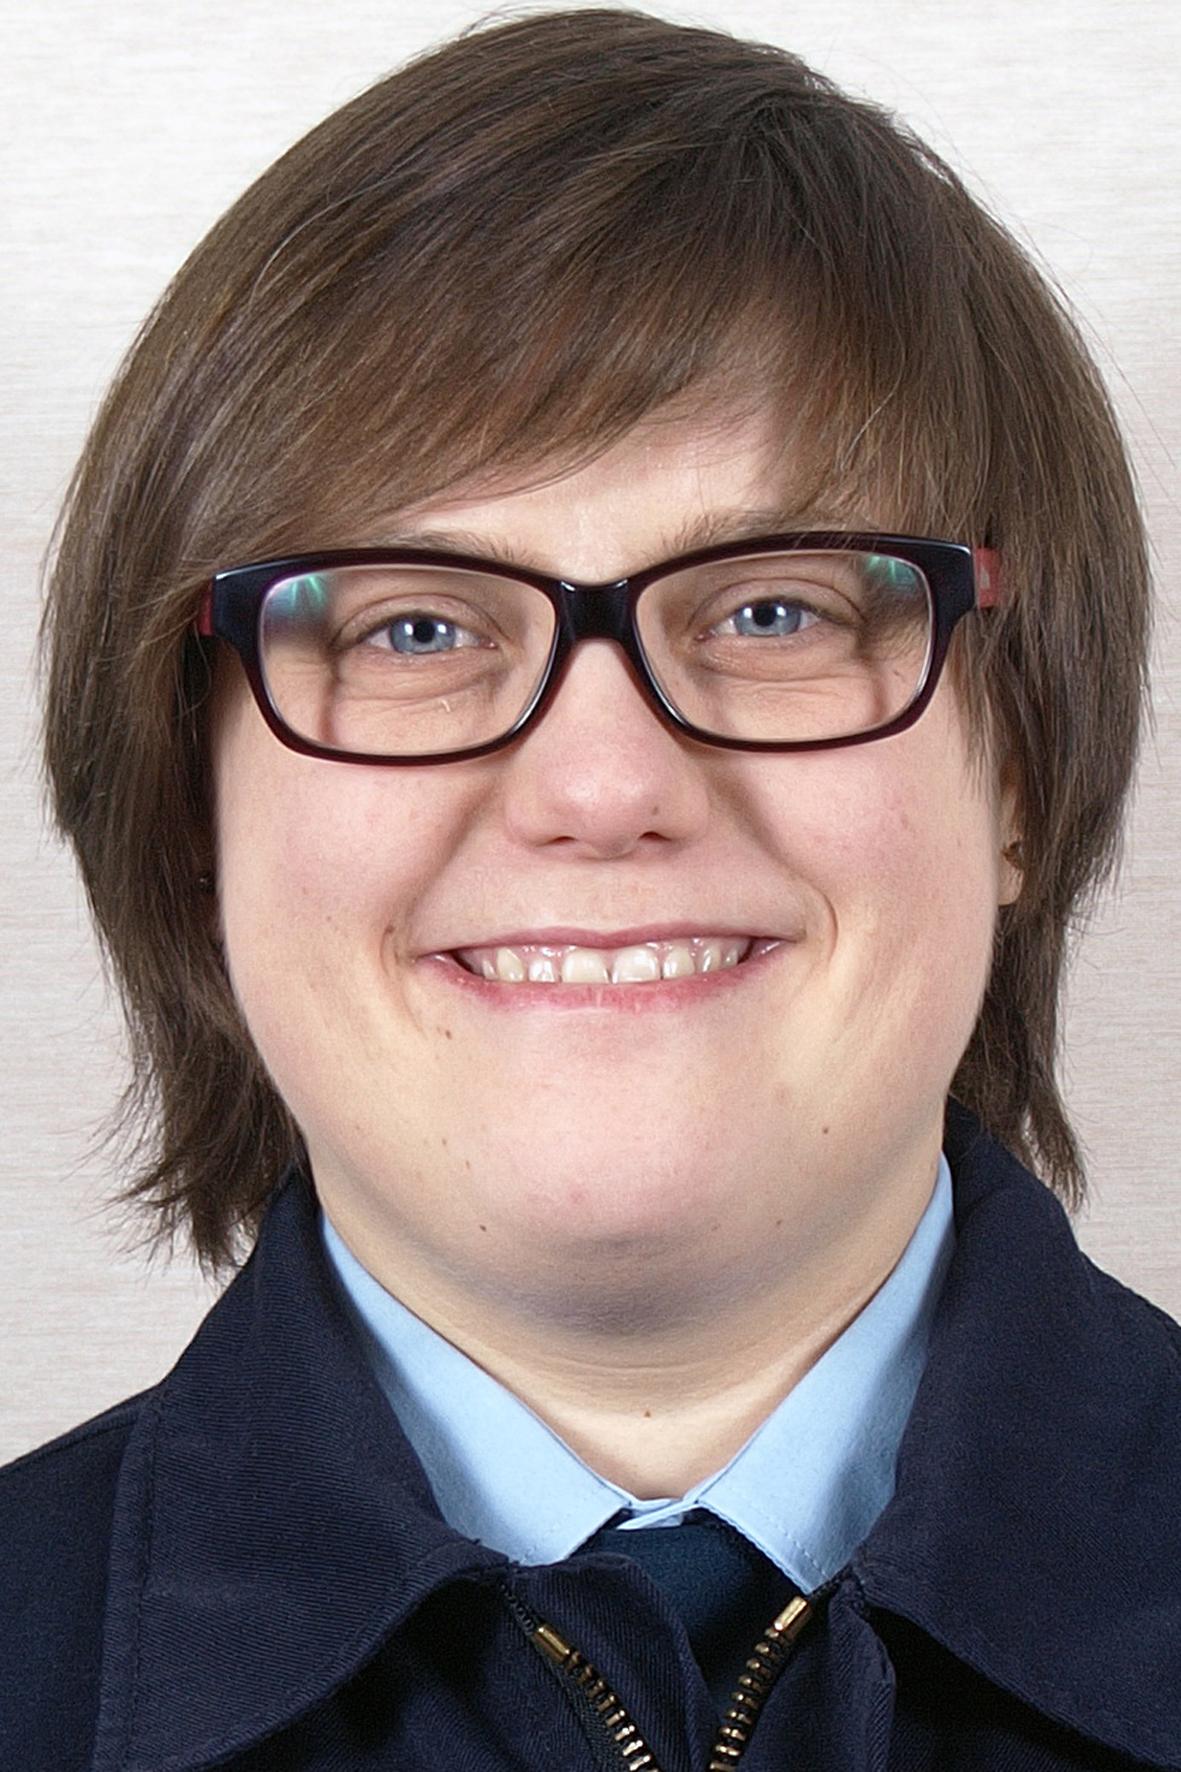 Jennifer Borsch